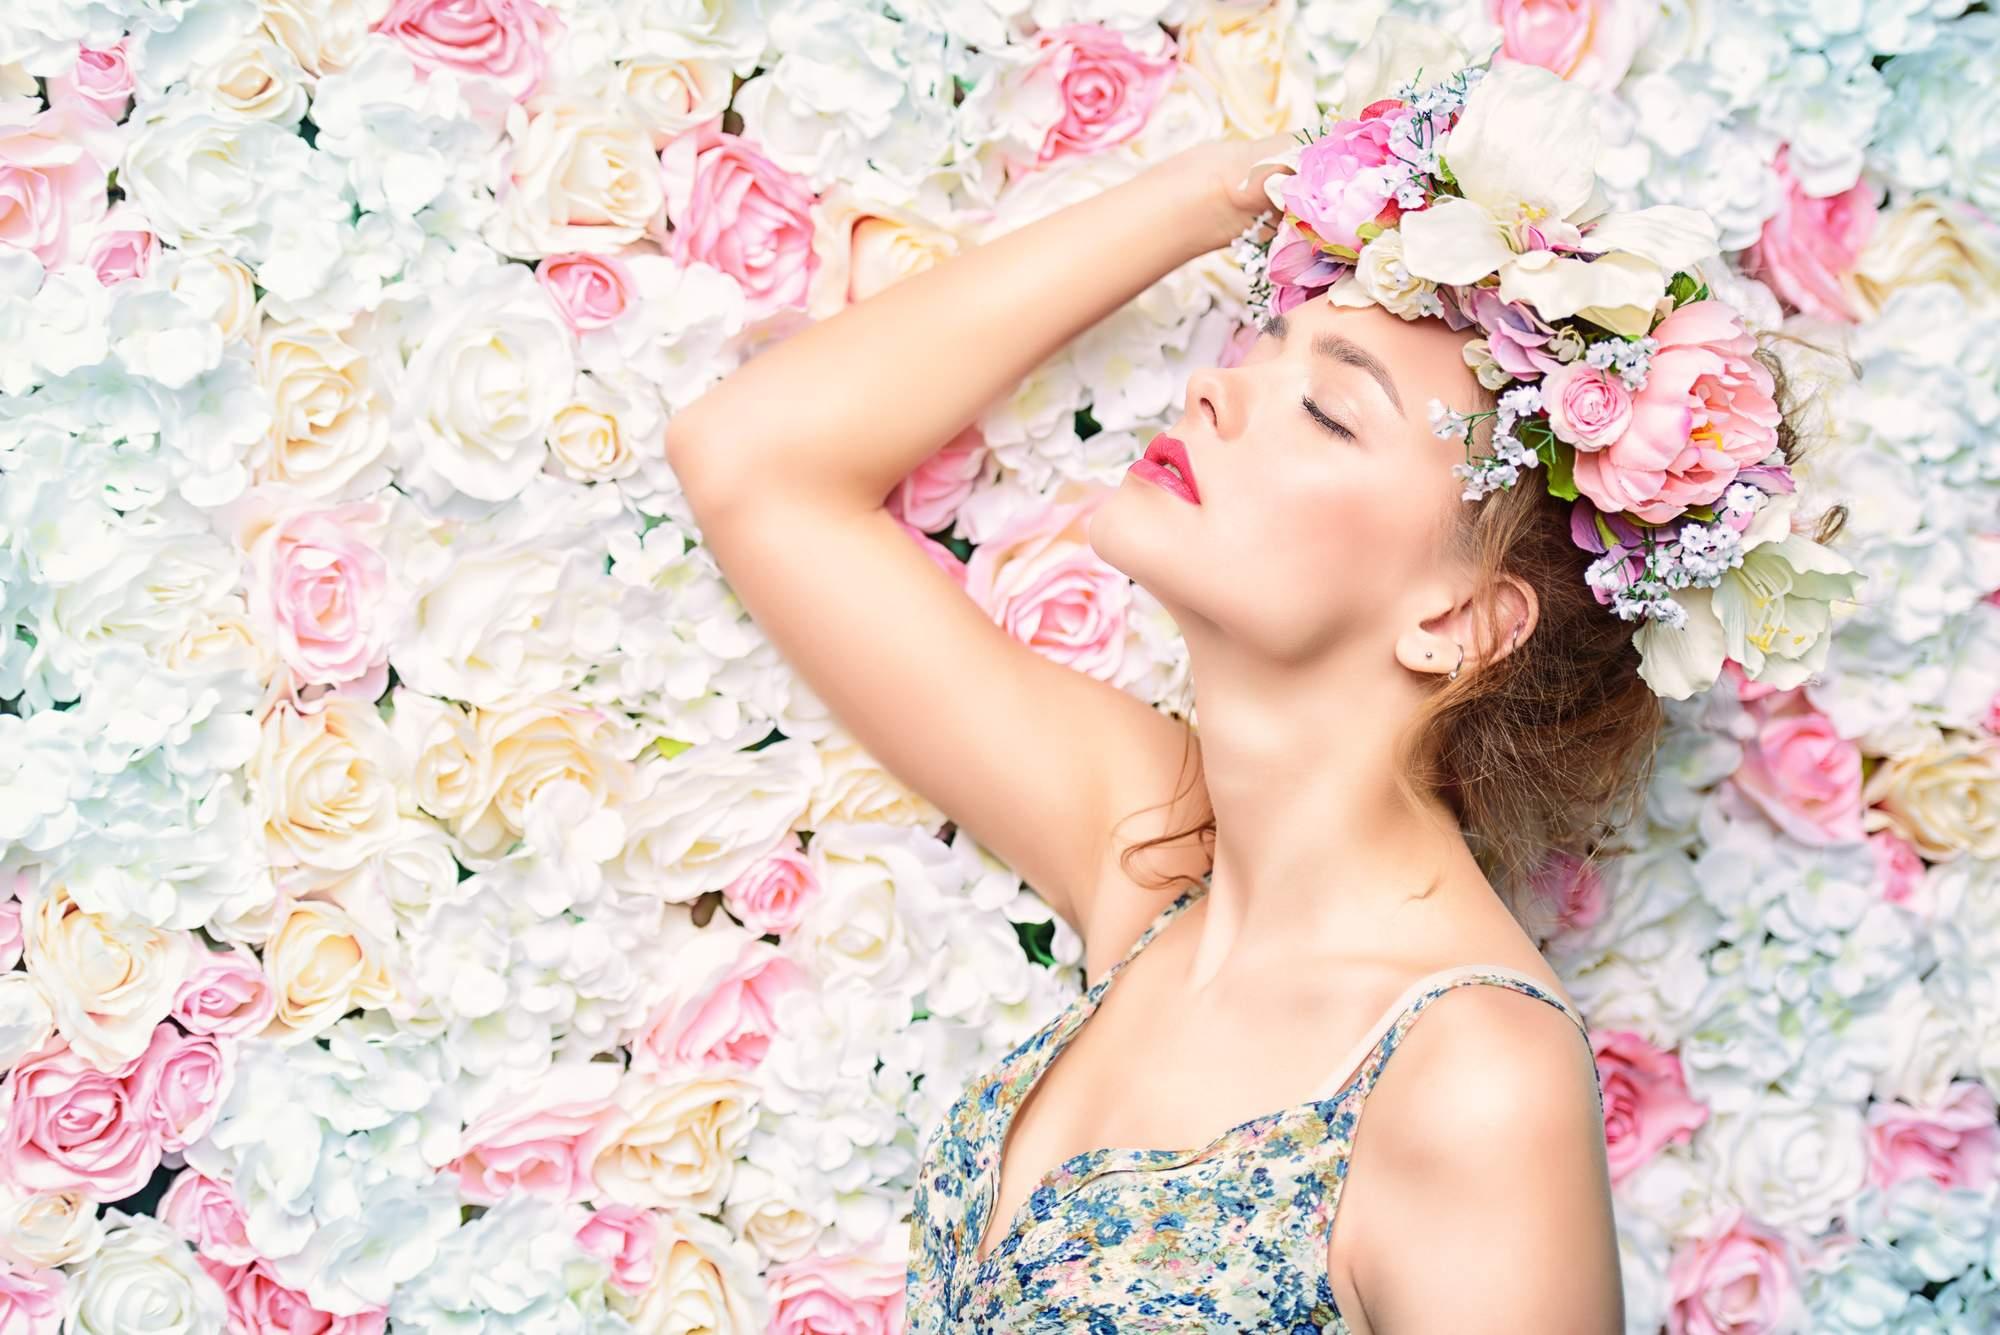 Haut kann riechen - Frau im Blütenmeer